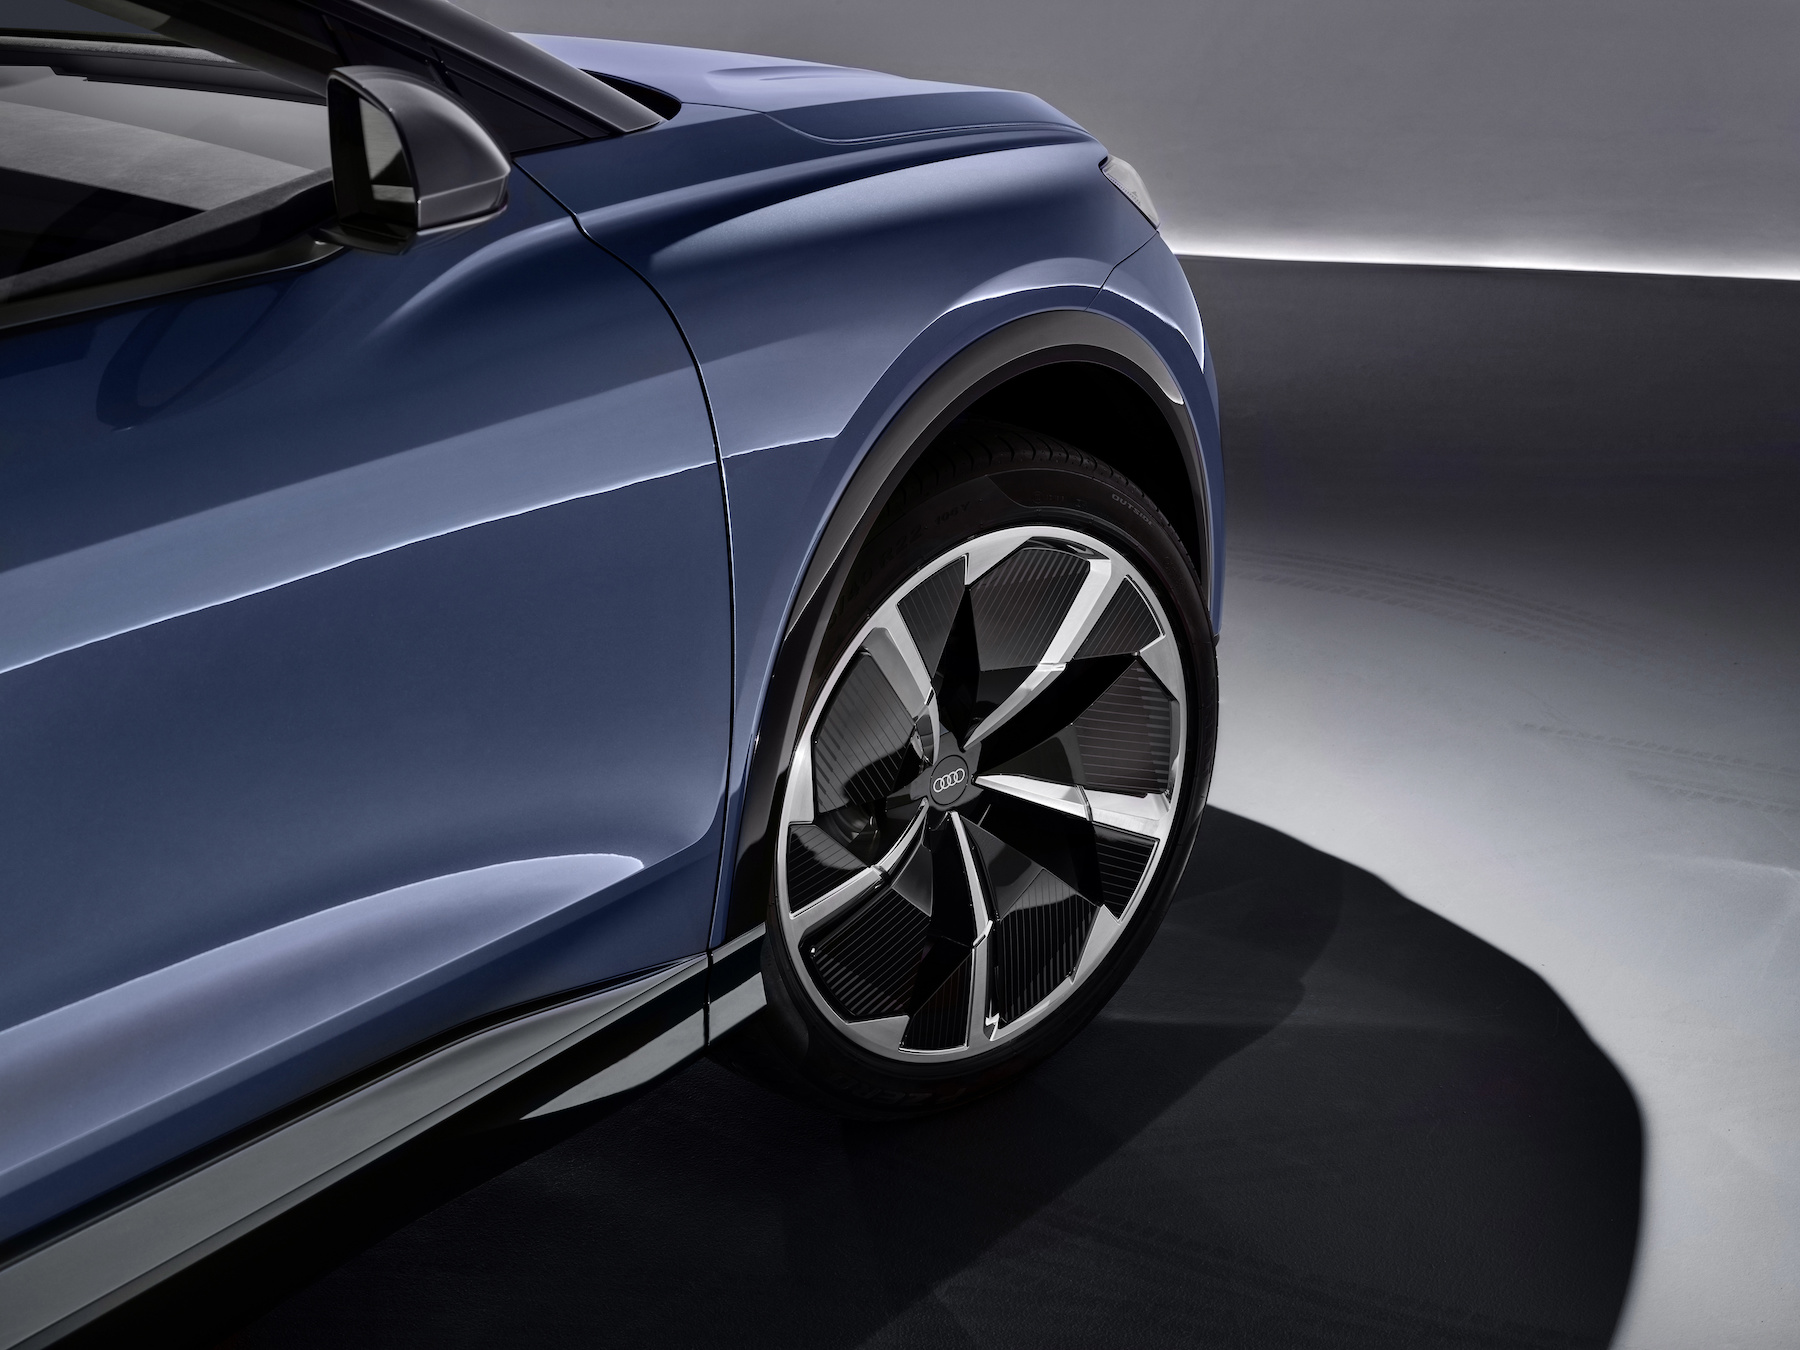 Il pacco batterie collocato sotto la cellula passeggeri fa sì che l'Audi Q4 e-tron concept presenti un baricentro basso, simile a quello di una berlina. (AUDI)